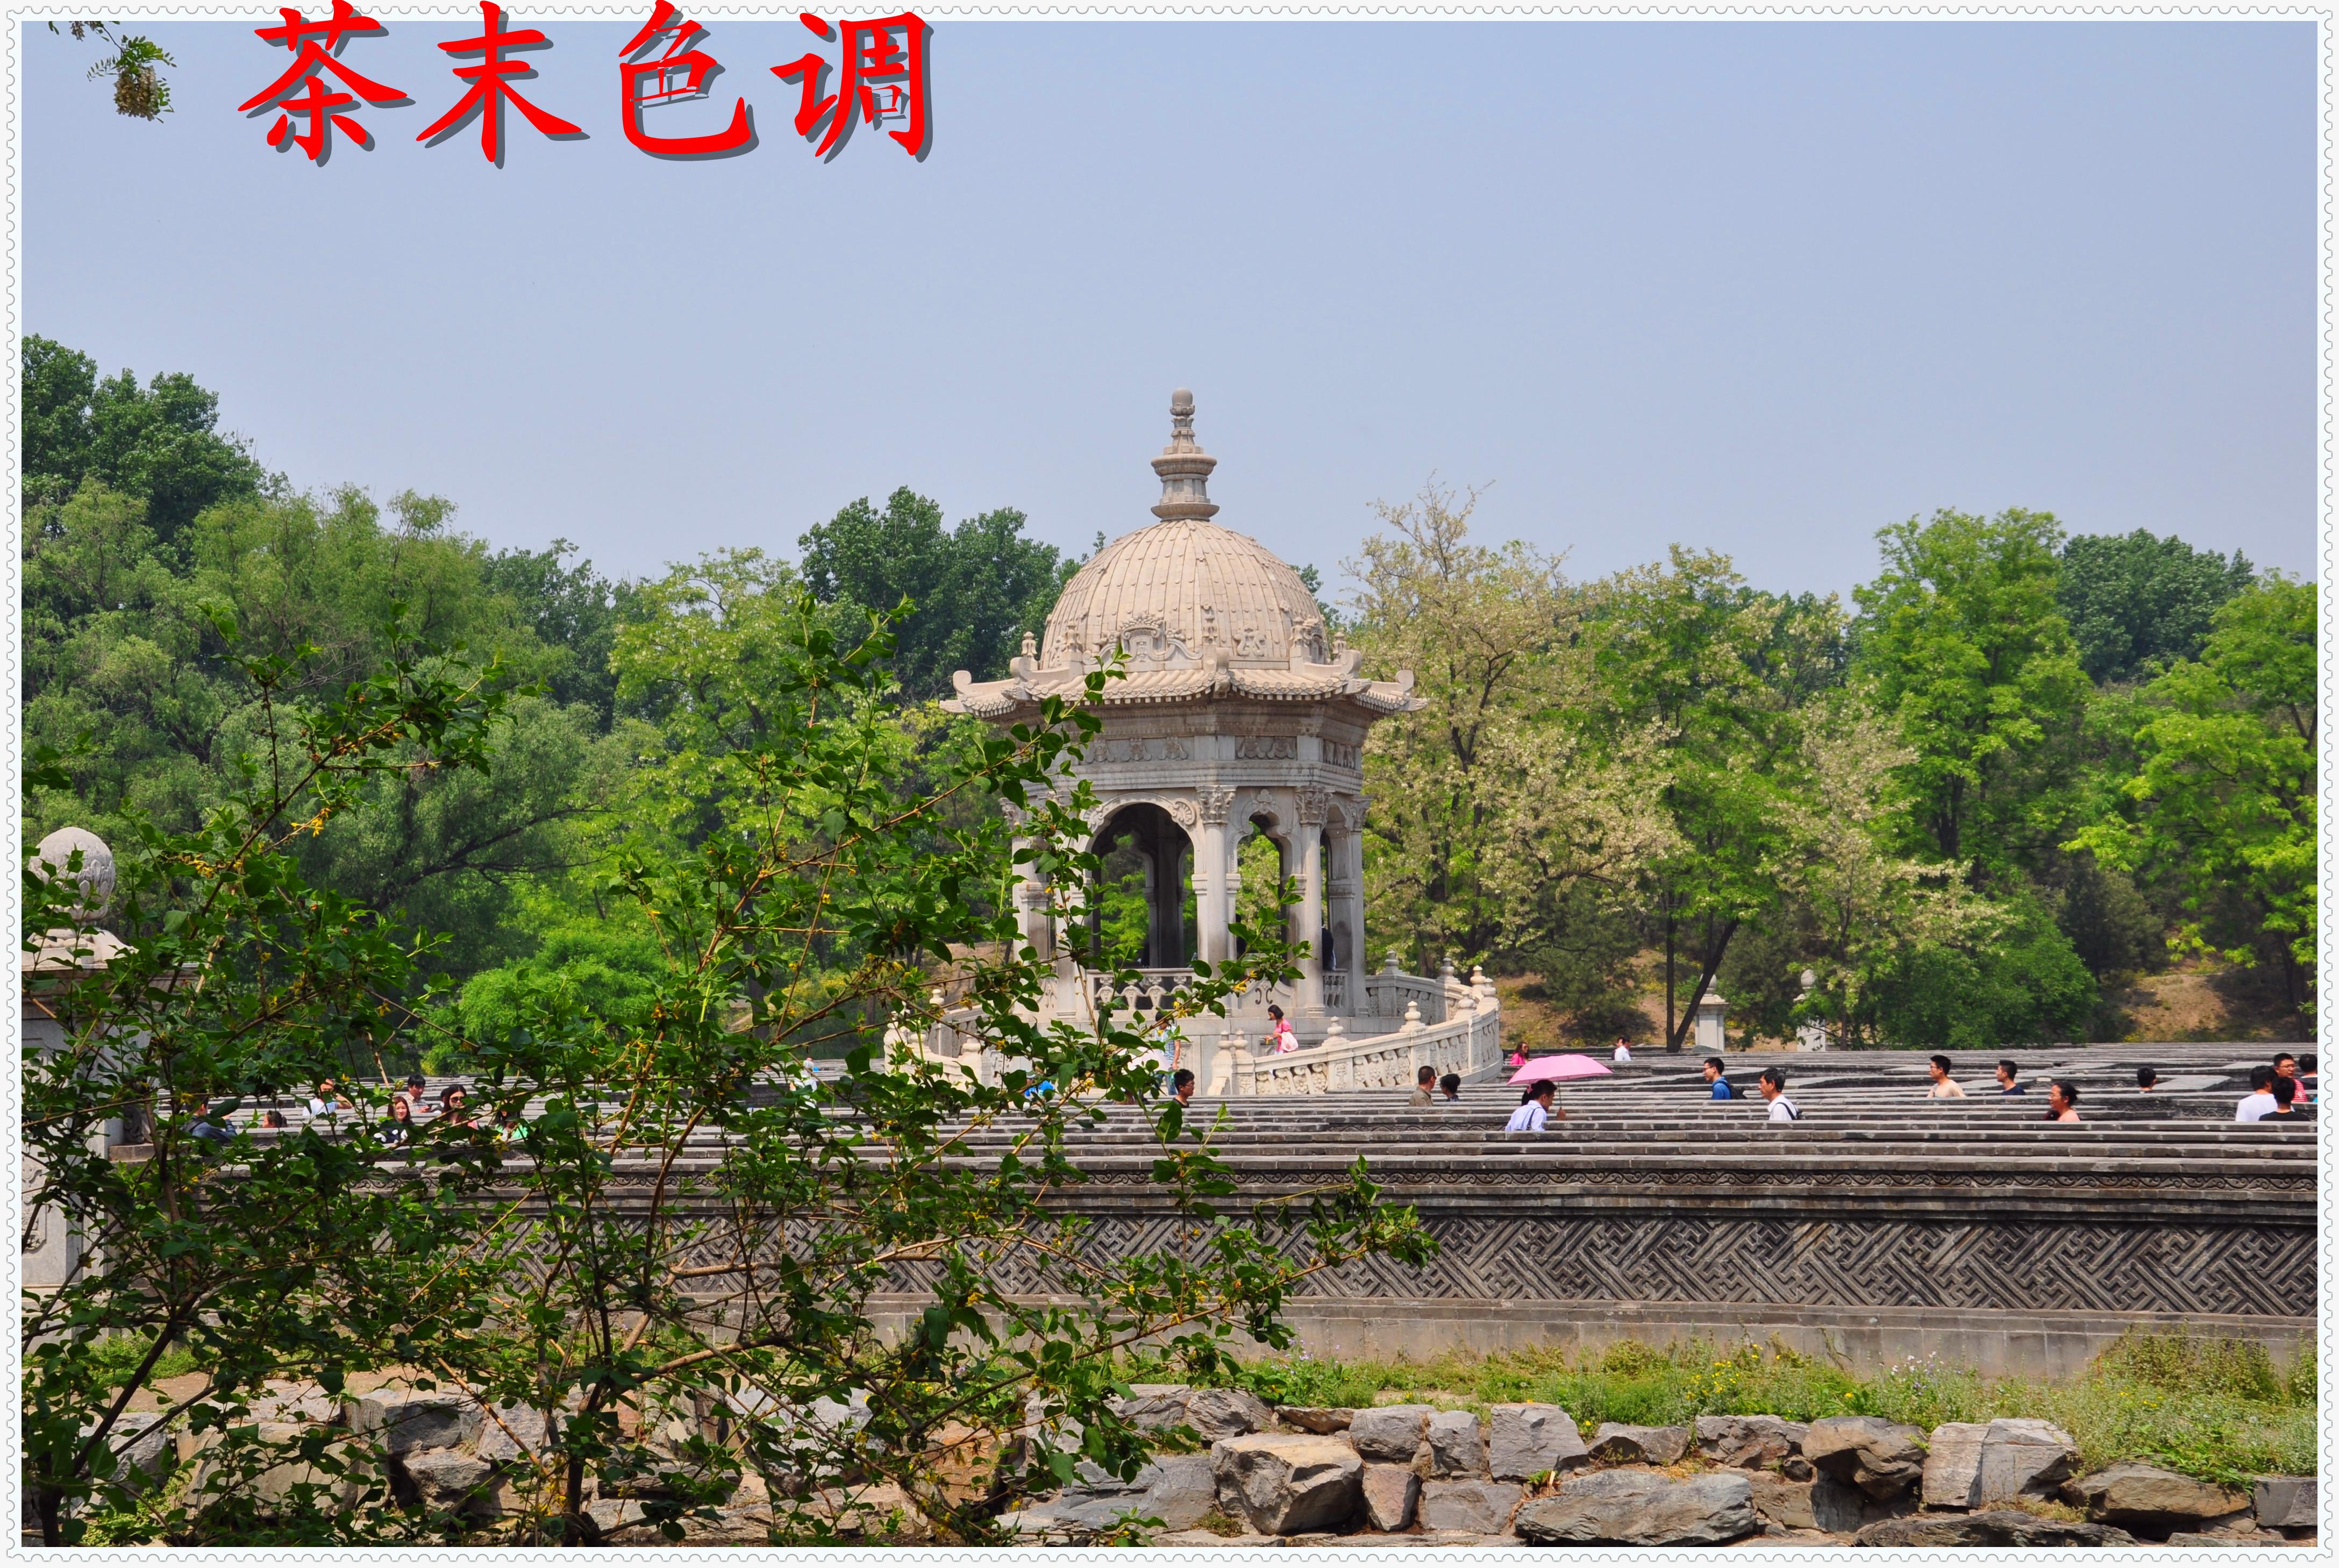 【携程攻略】北京圆明园景点,公园很大,但是天气太热